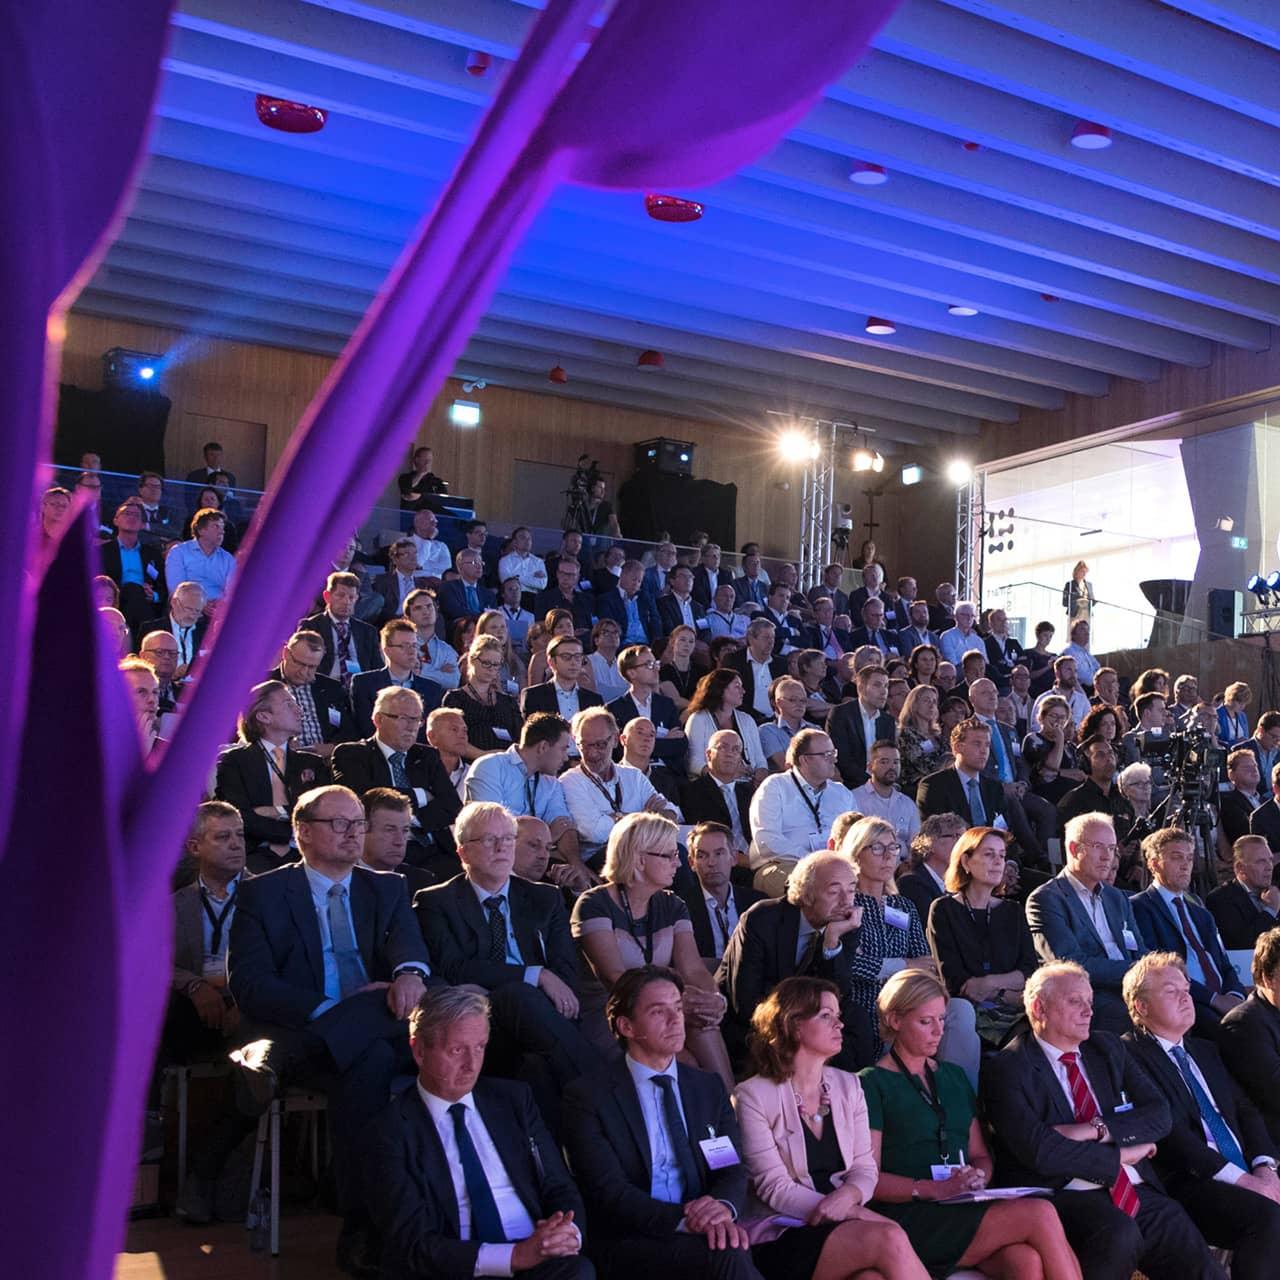 Publiek van de Grand Opening van de Brightlands Smart Services Campus in Heerlen